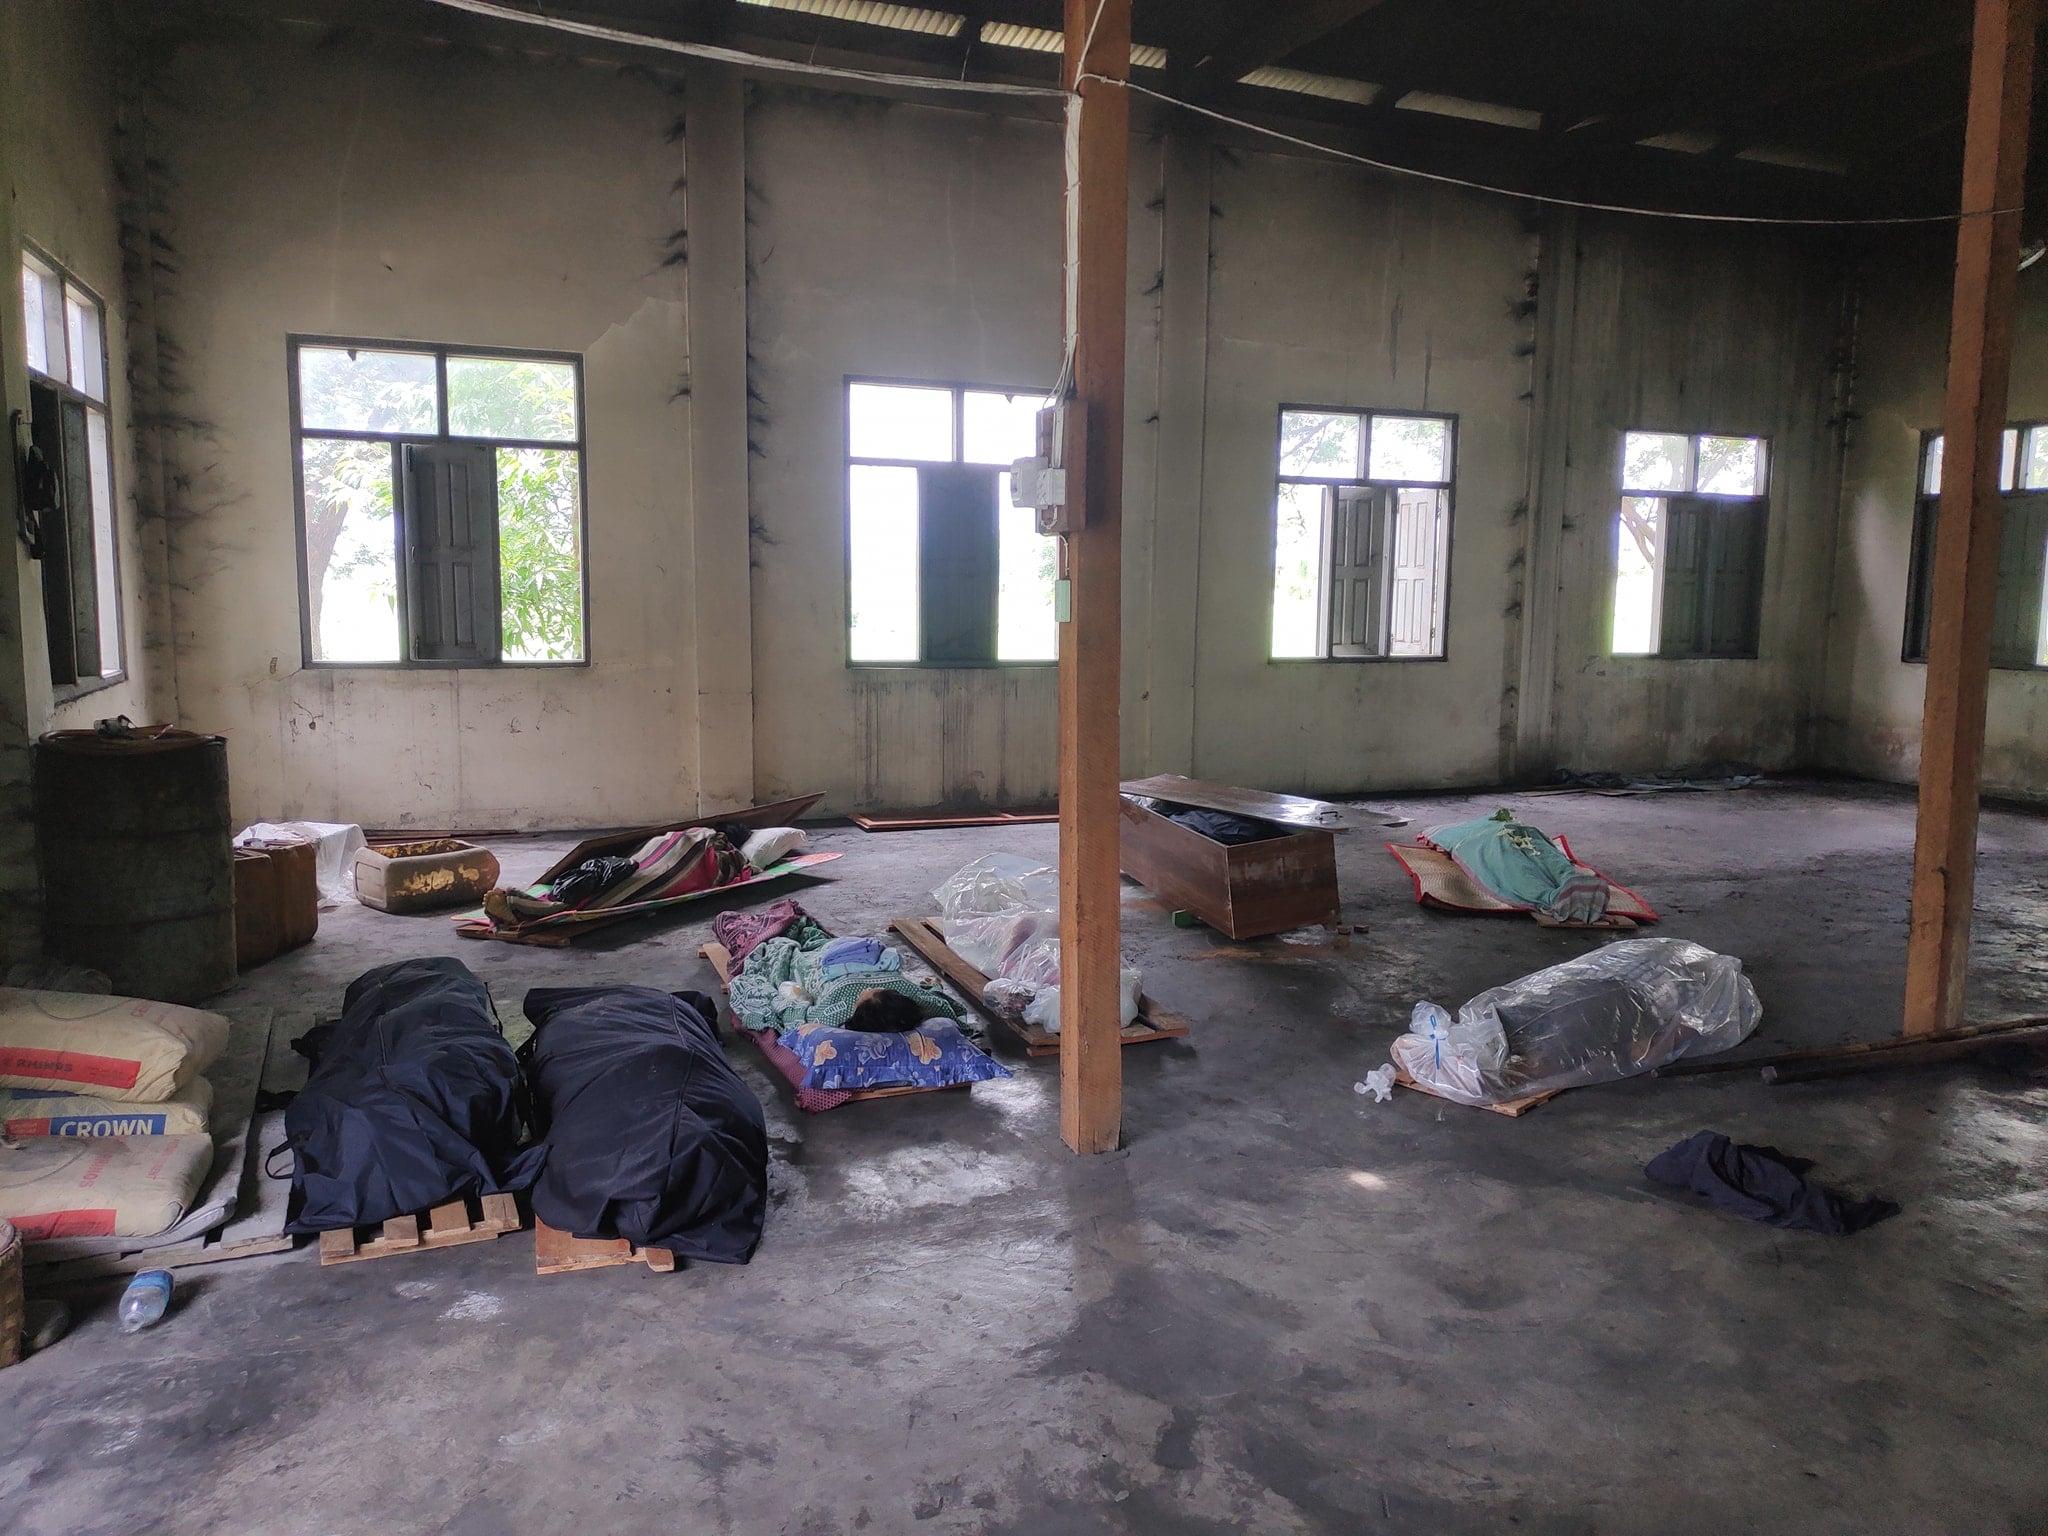 ကလေးမြို့တွင် တရက်လျှင် အလောင်း ၂၀ ကျော် သင်္ဂြိုလ်နေရ